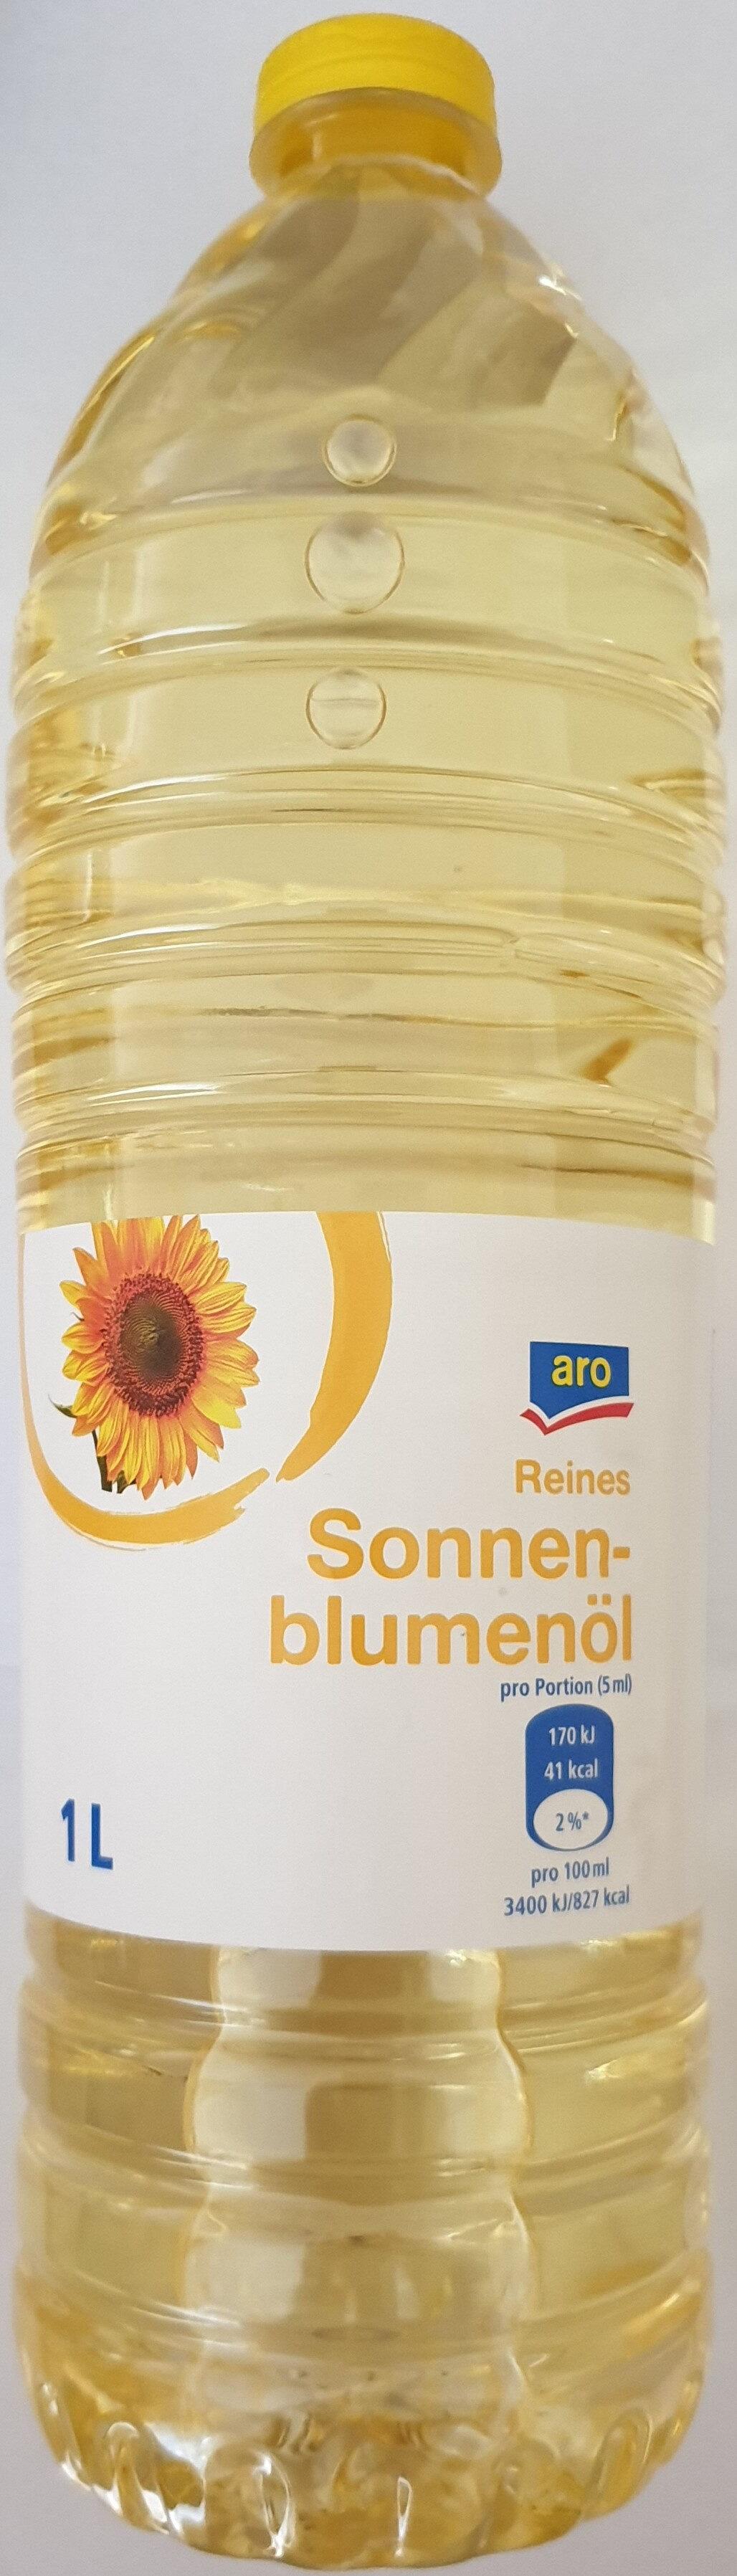 Reines Sonnenblumenöl - Produit - de